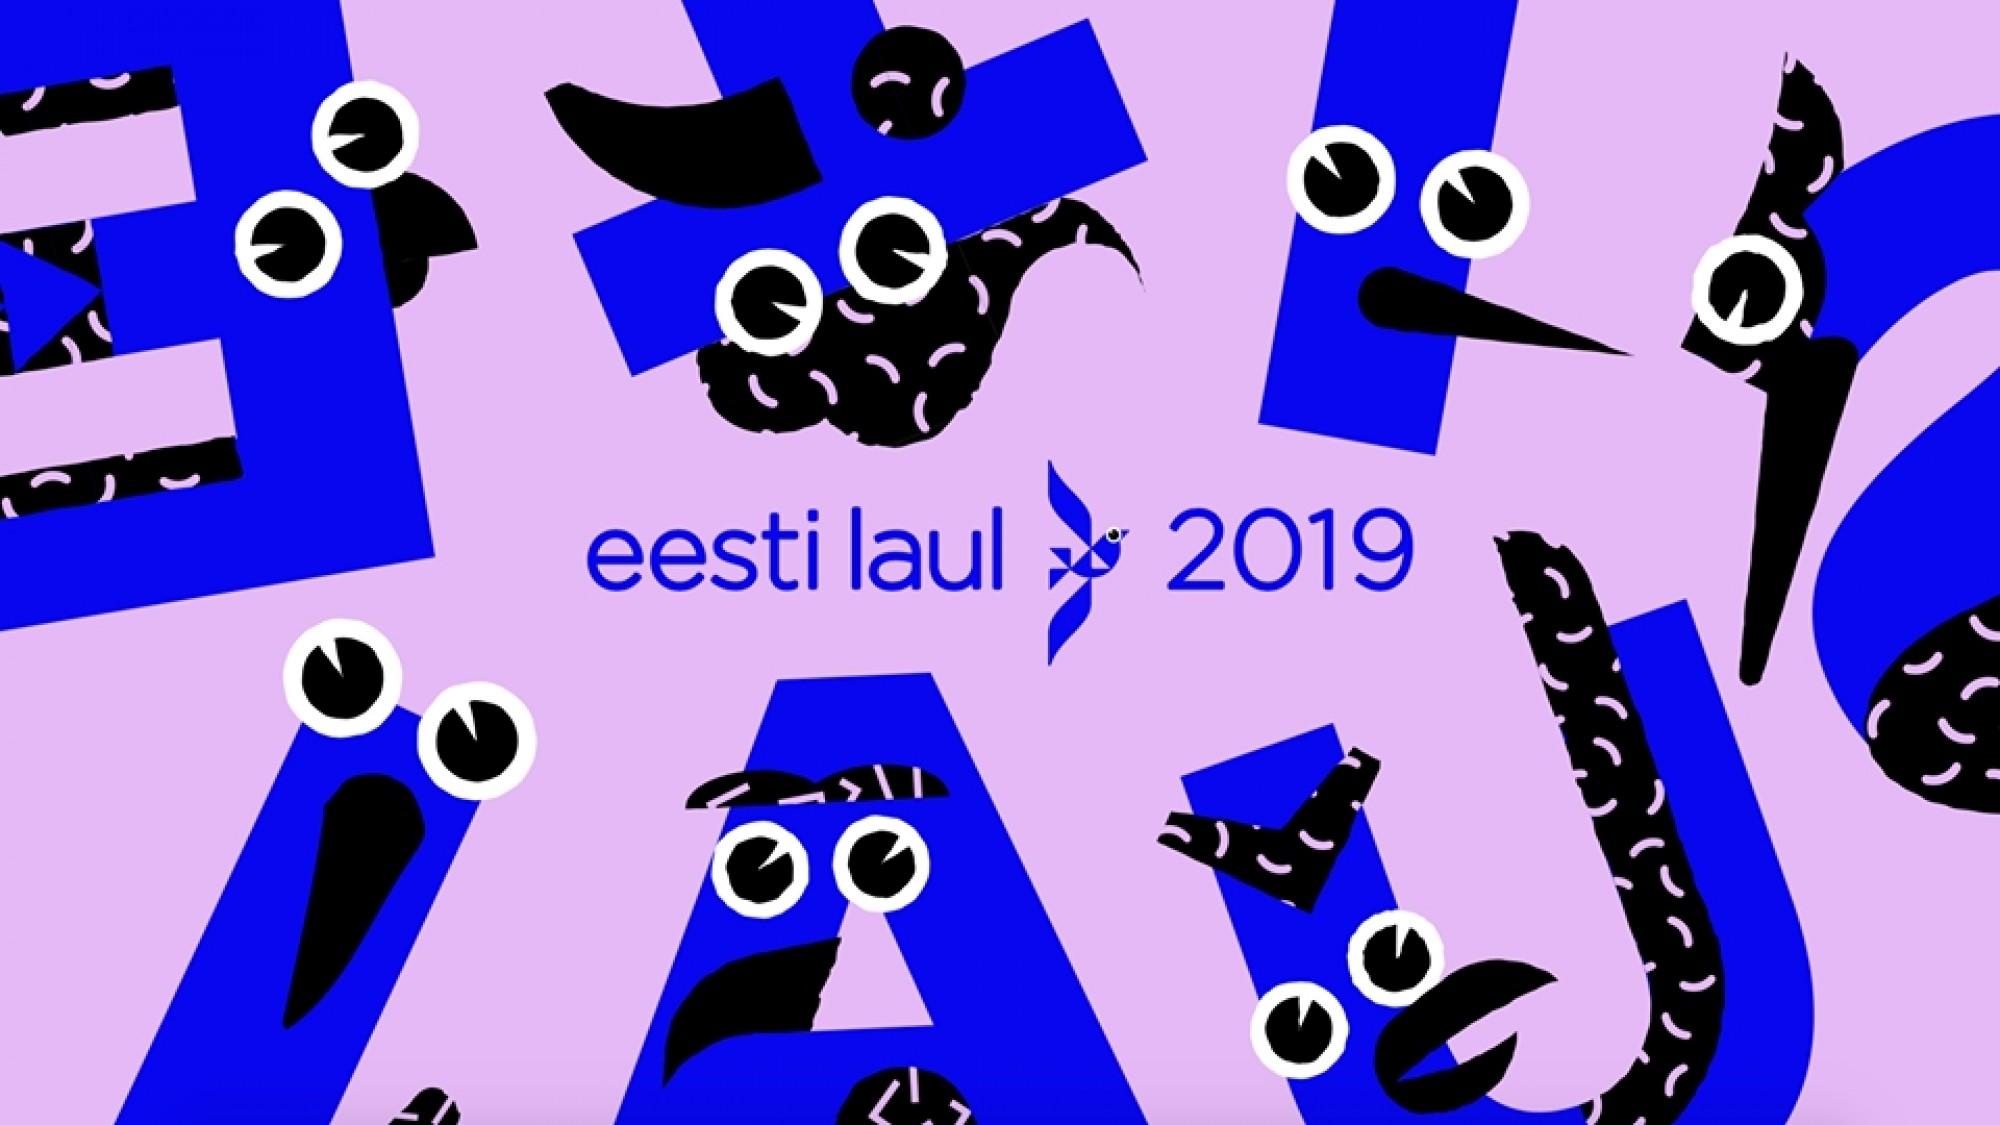 Resultado de imagem para eesti laul 2019